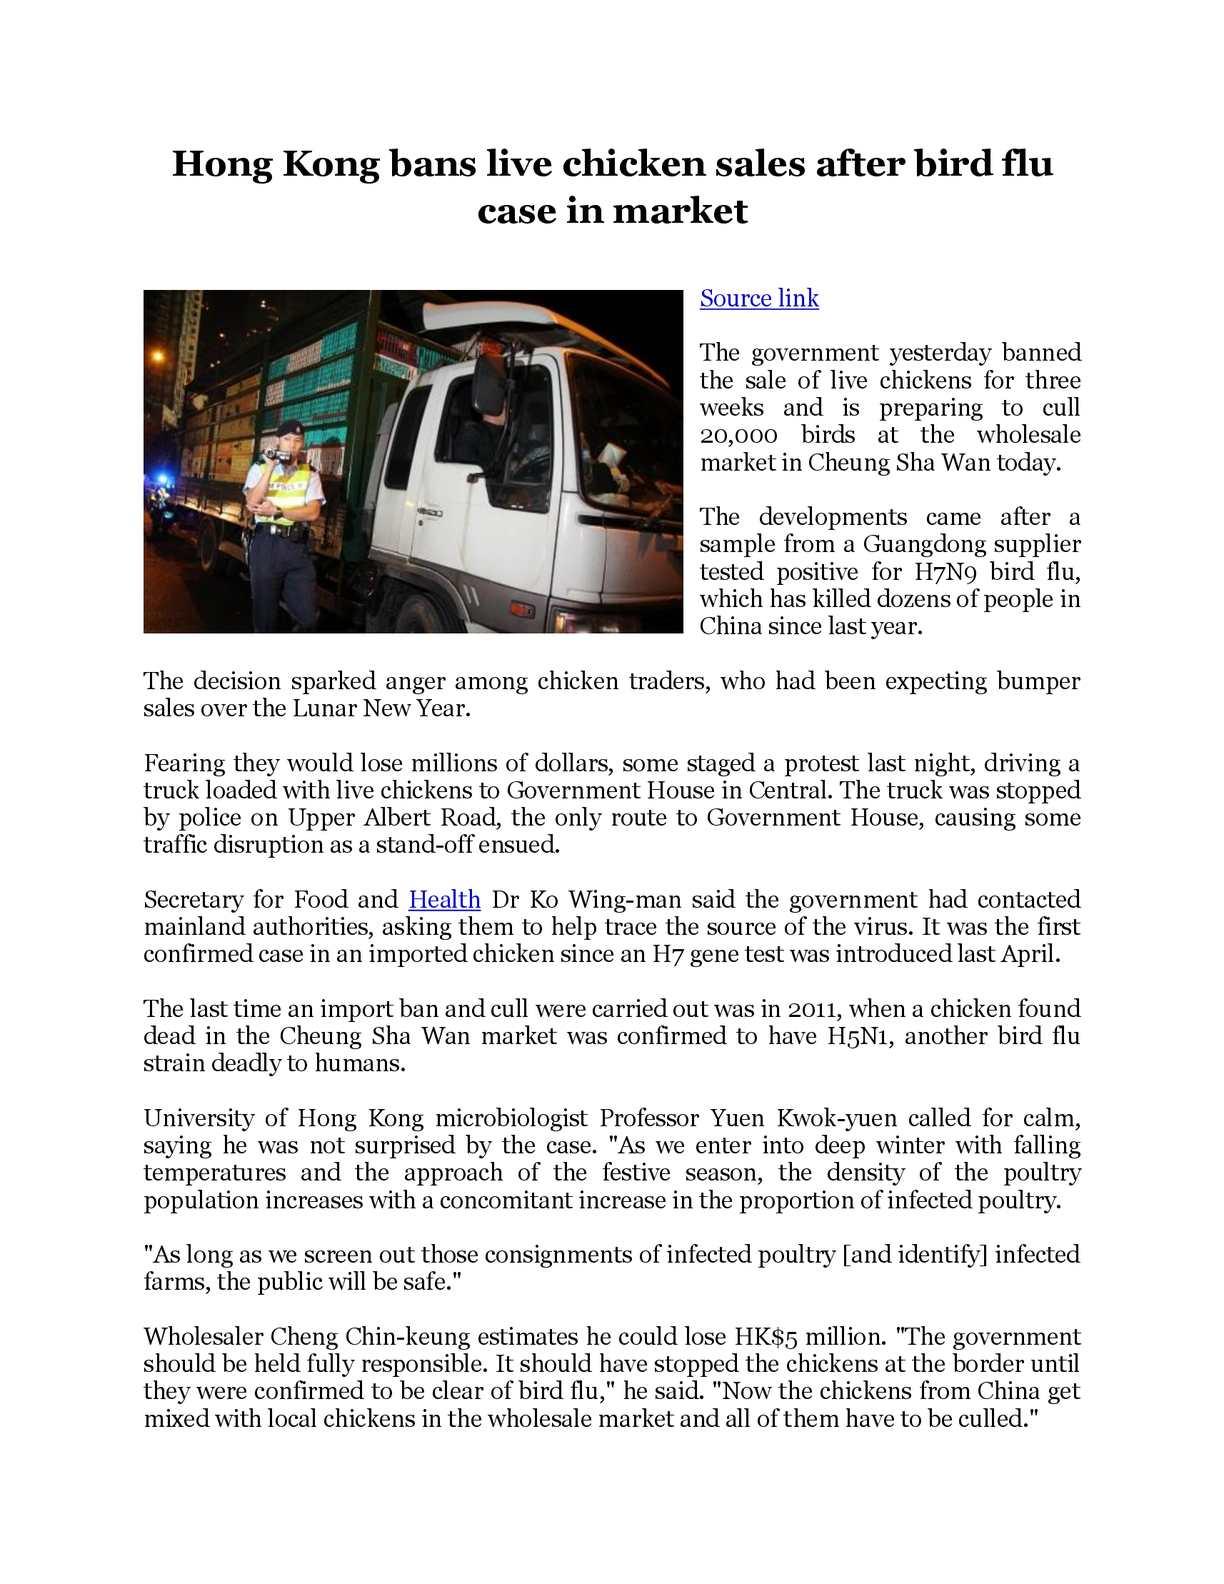 calamo hong kong bans live chicken sales after bird flu case in market